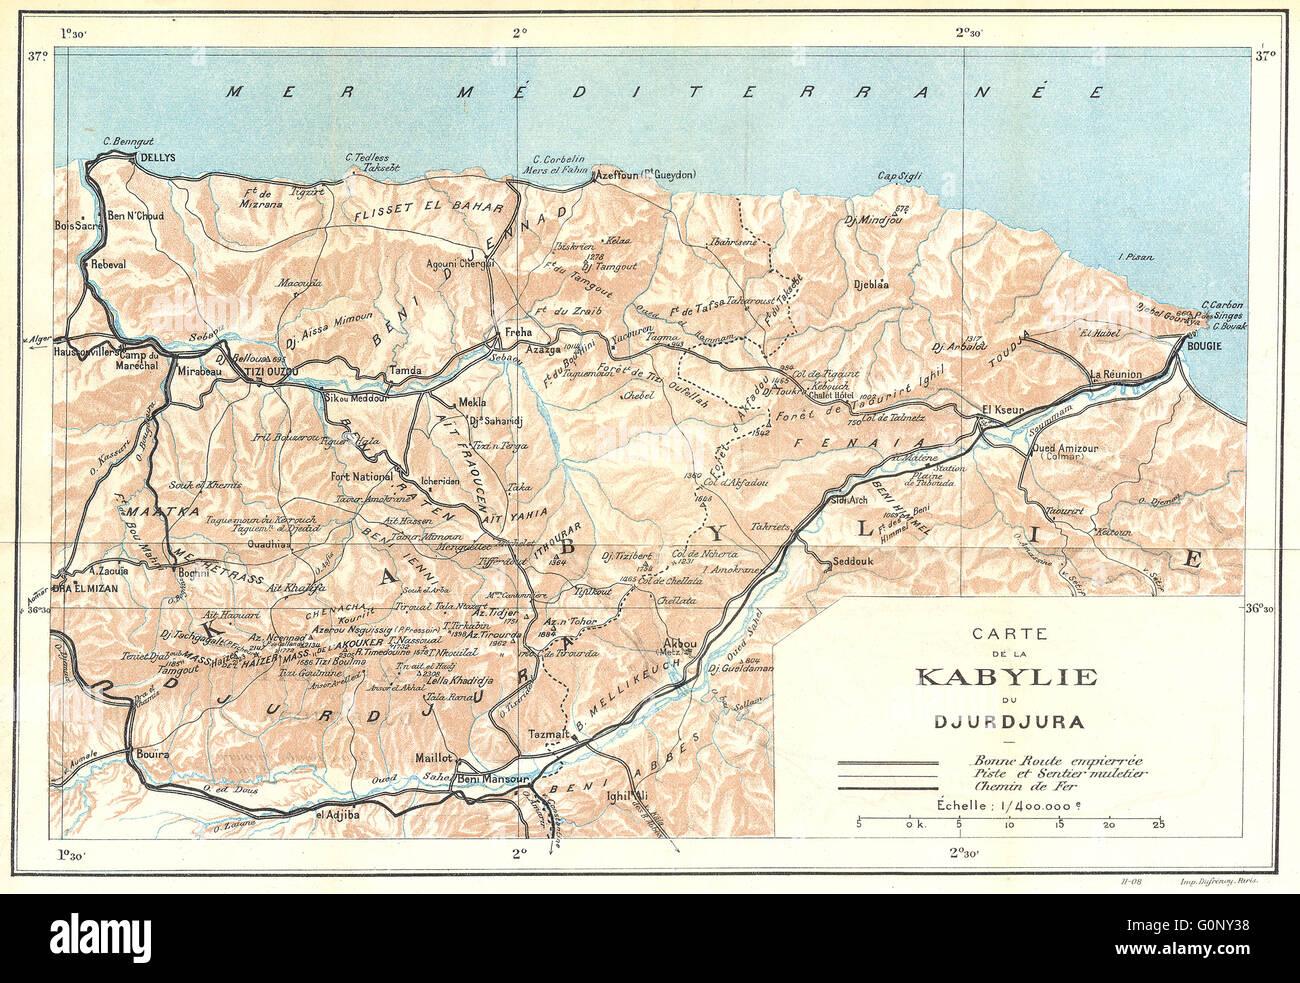 Carte De La Kabylie.Algeria Carte De Kabylie Du Djurdjura 1909 Antique Map